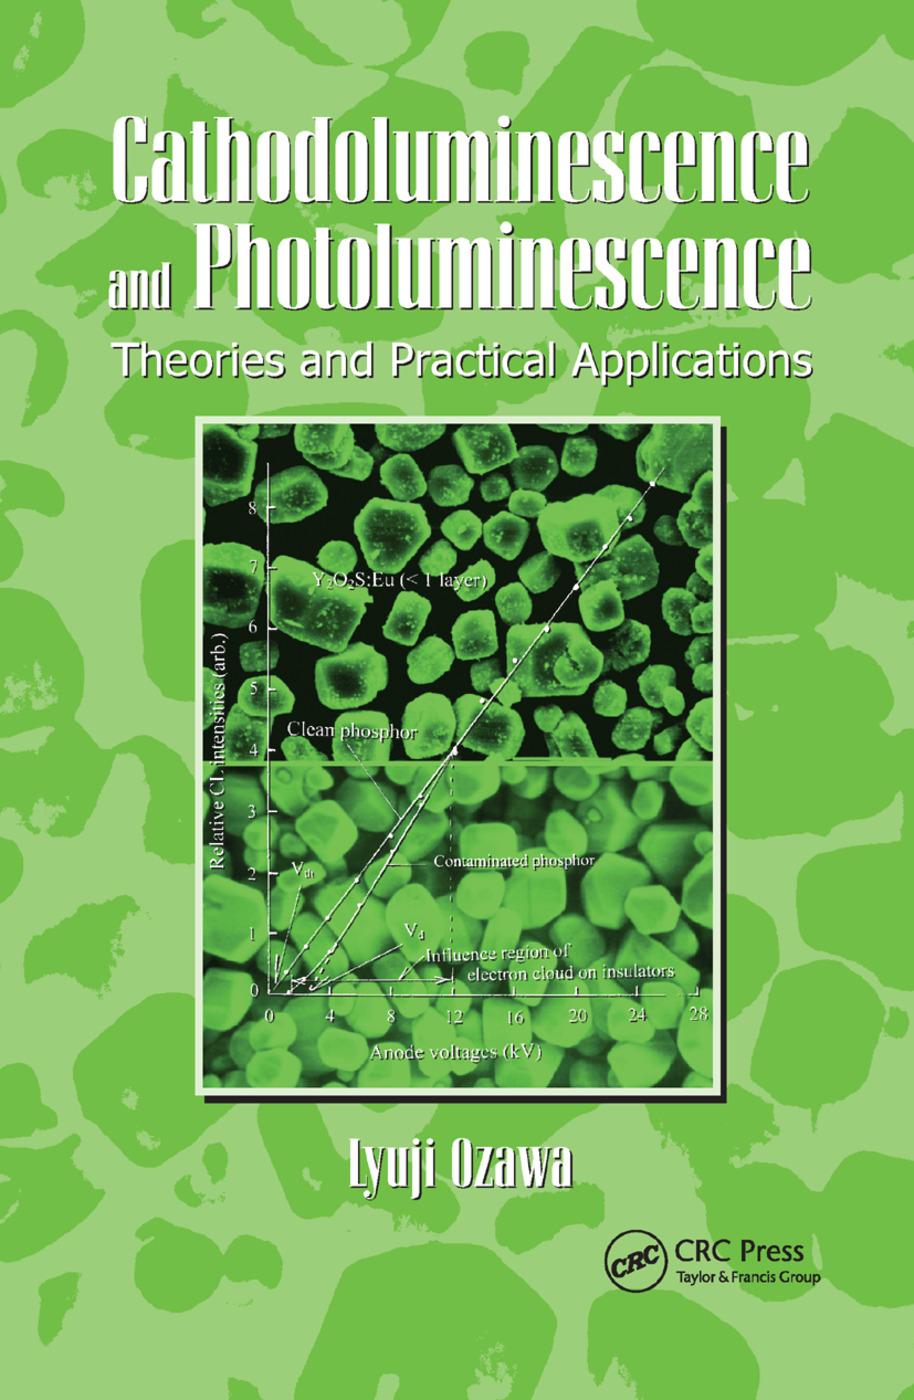 Cathodoluminescence and Photoluminescence